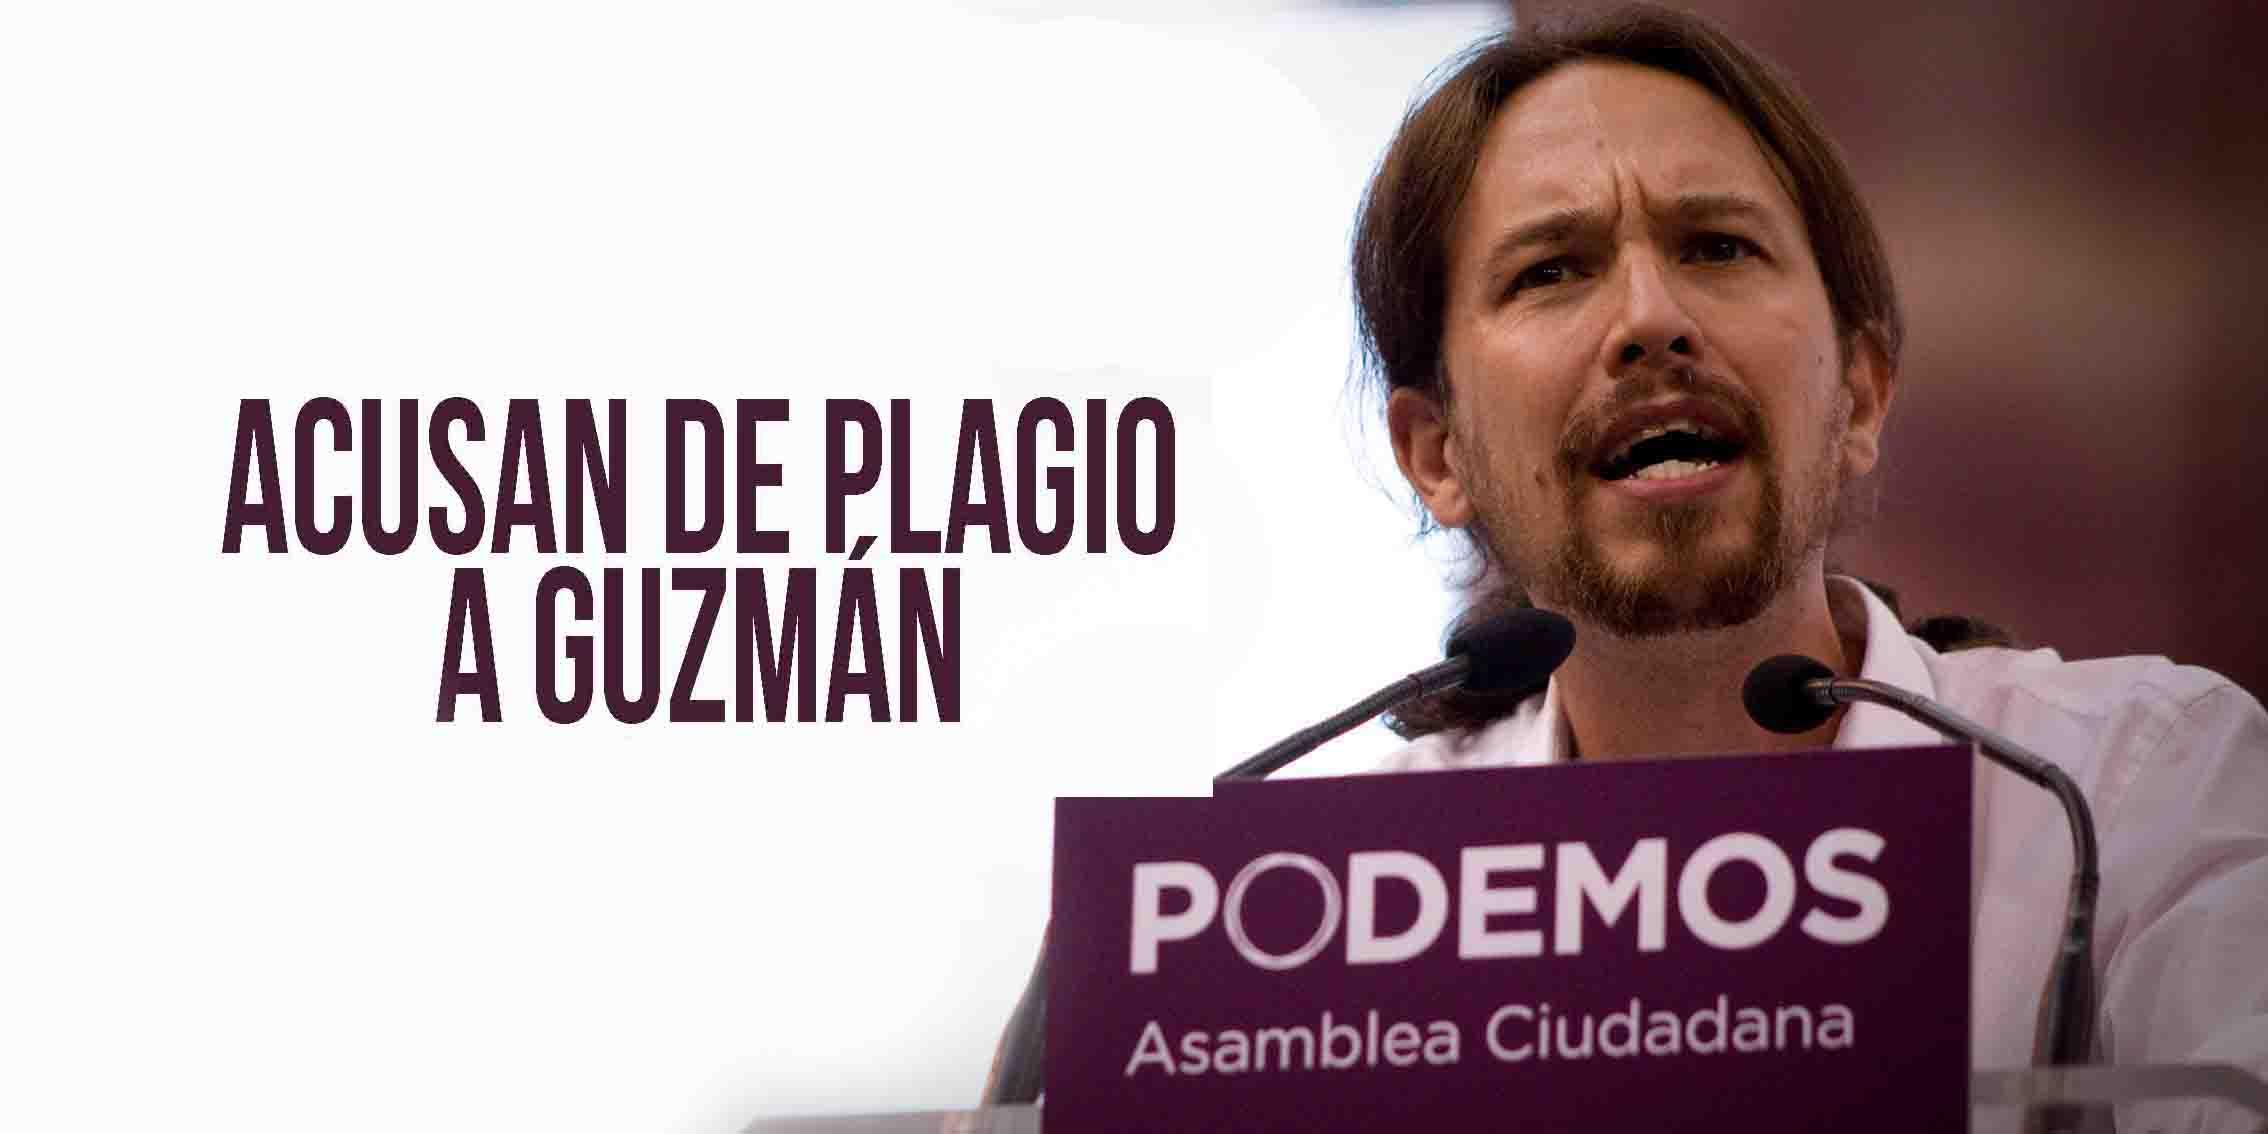 Podemos Acusa de Plagio a Guzmán